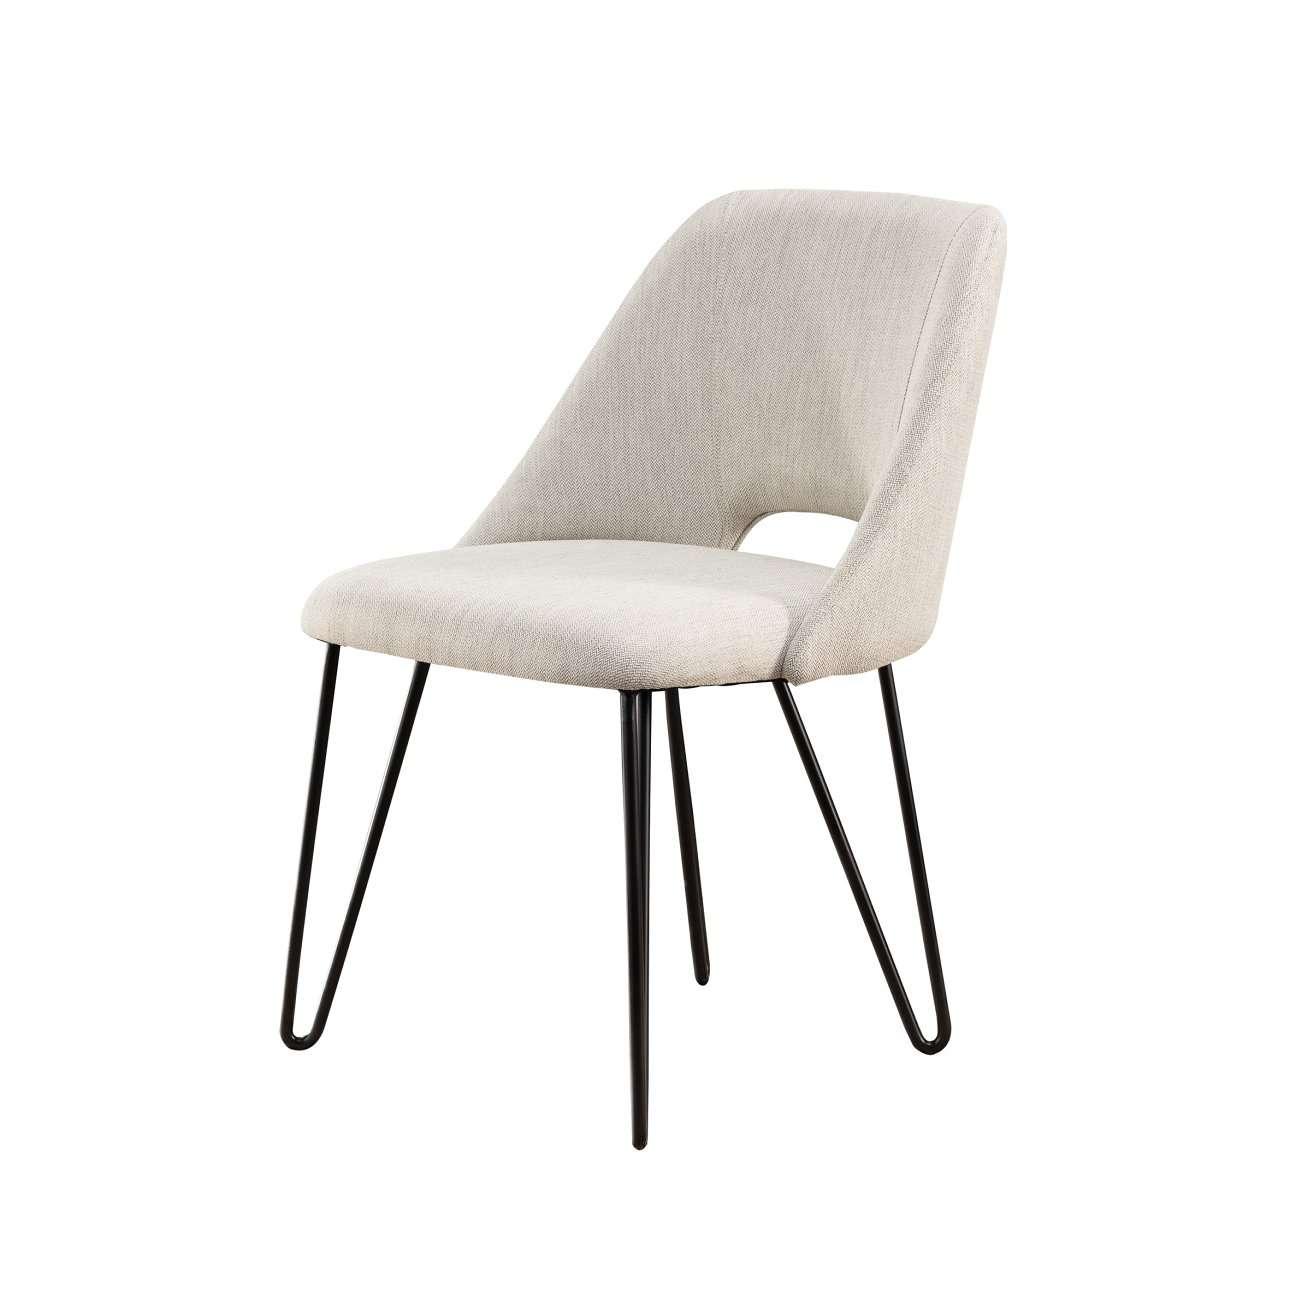 Dekoria Krzesło Evoq cream wys. 82cm